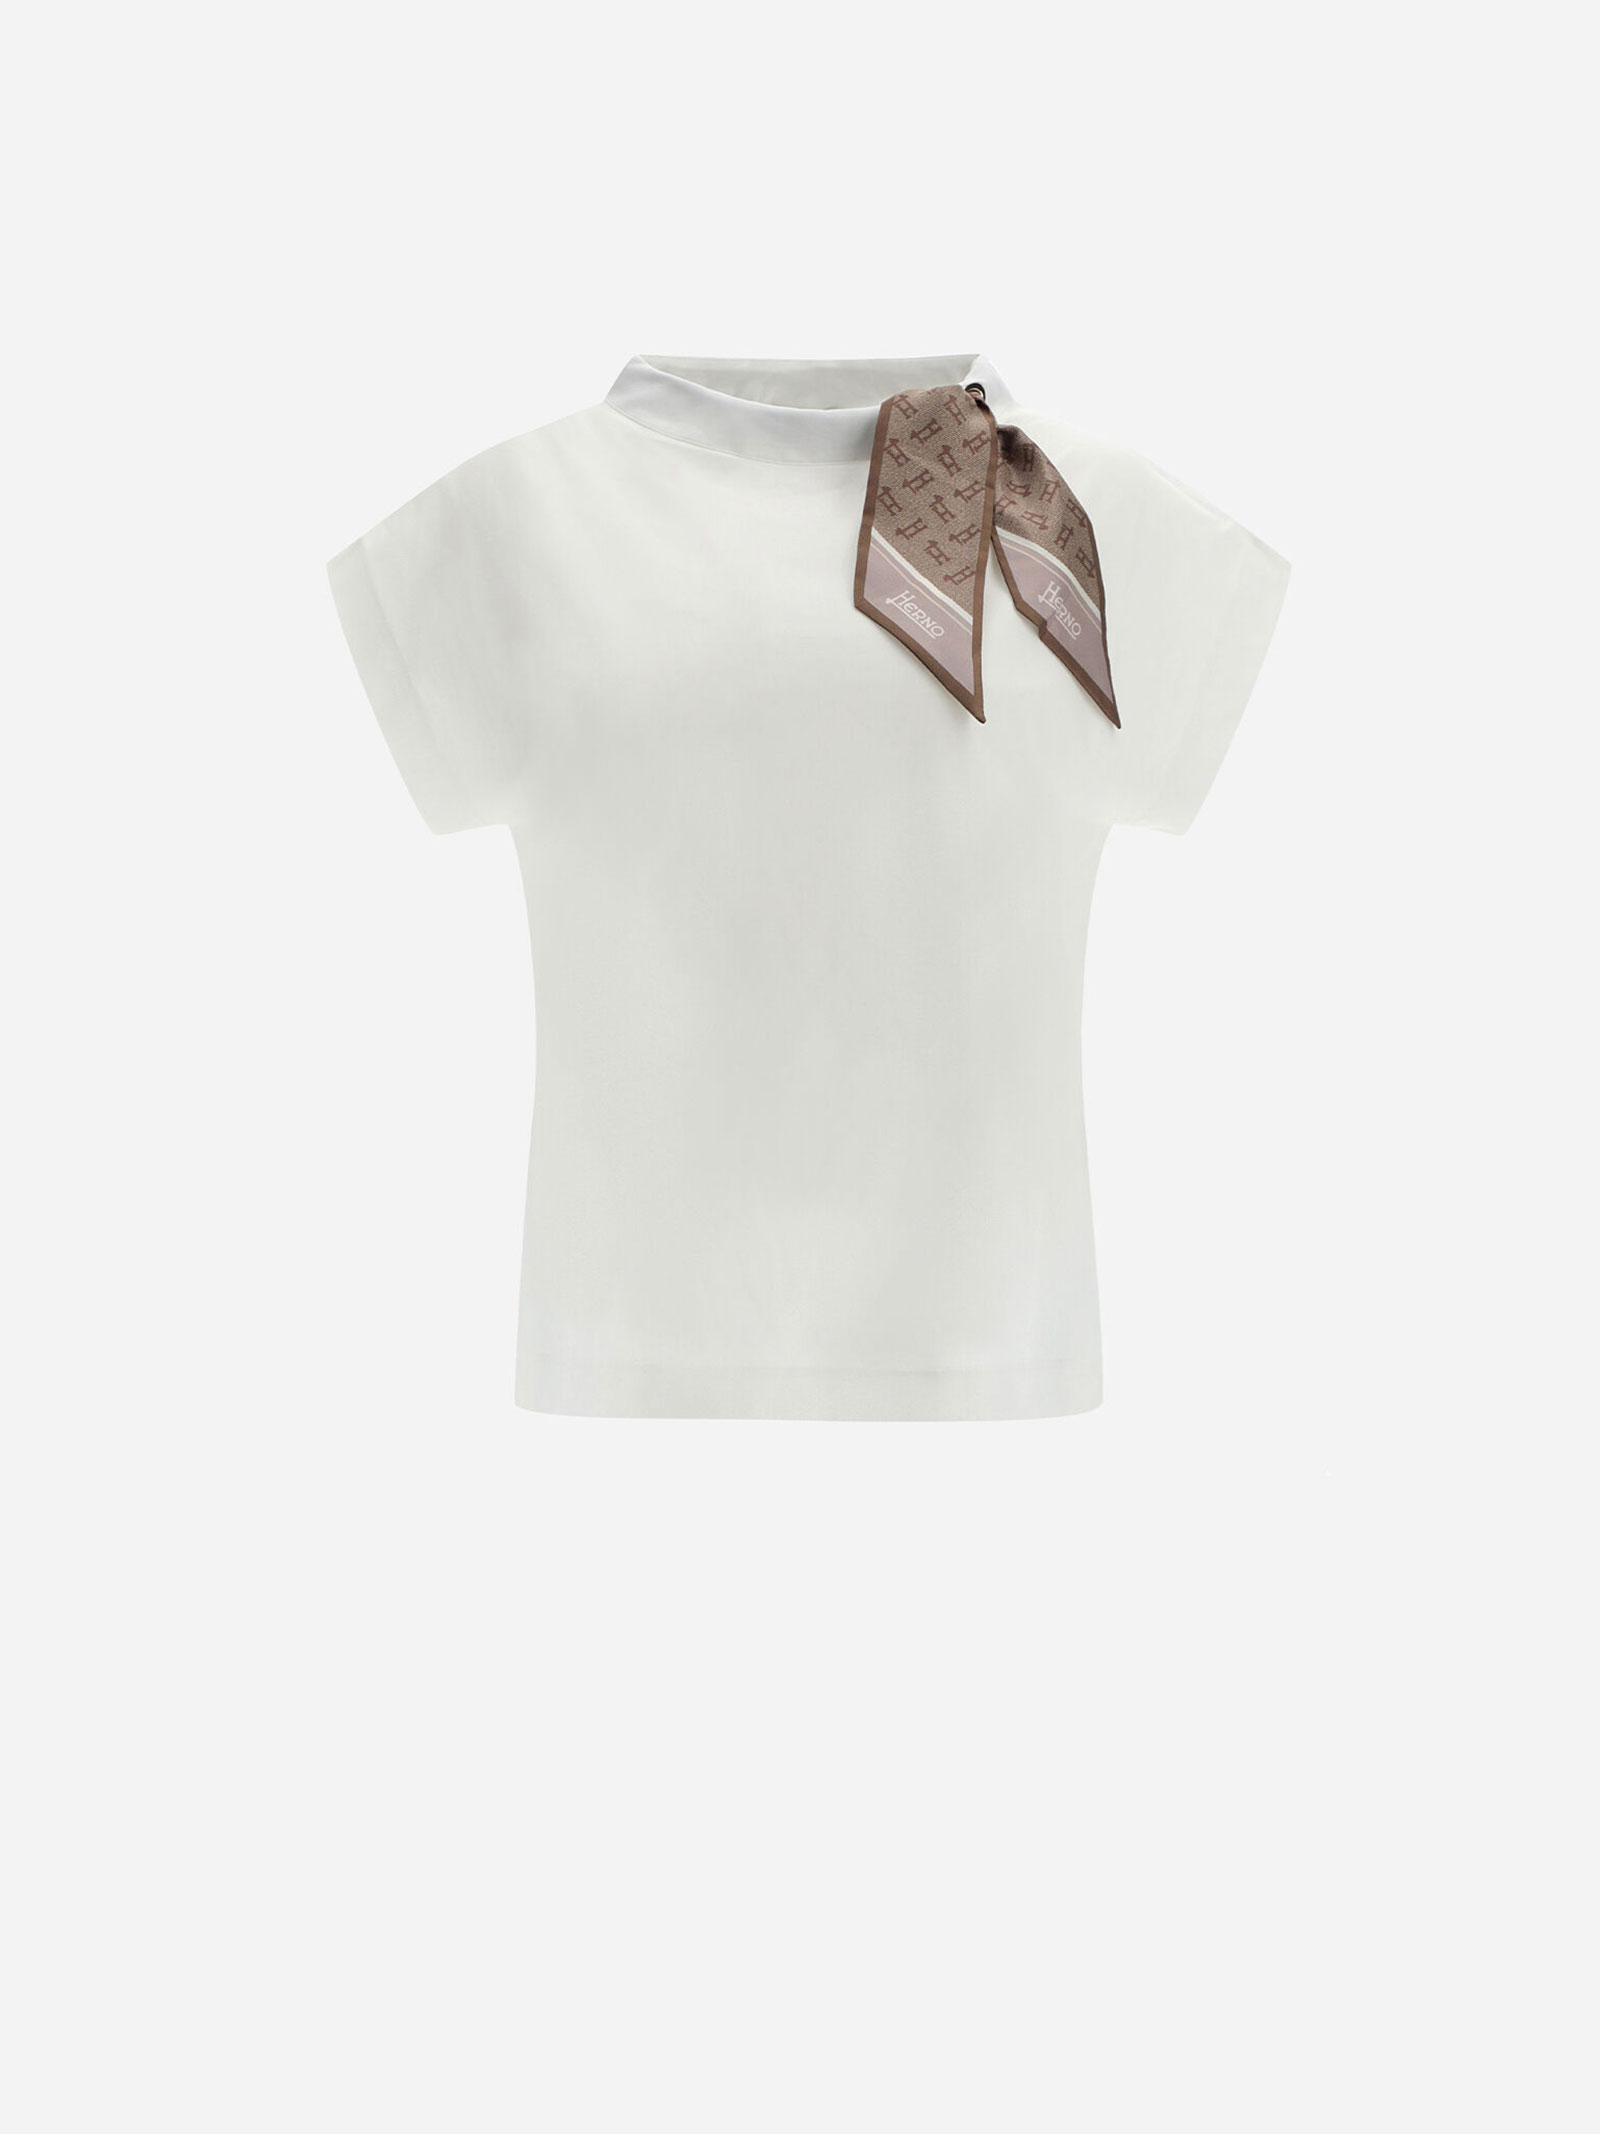 T-Shirt con foulard Herno | T-shirt | JG0015D-520031430